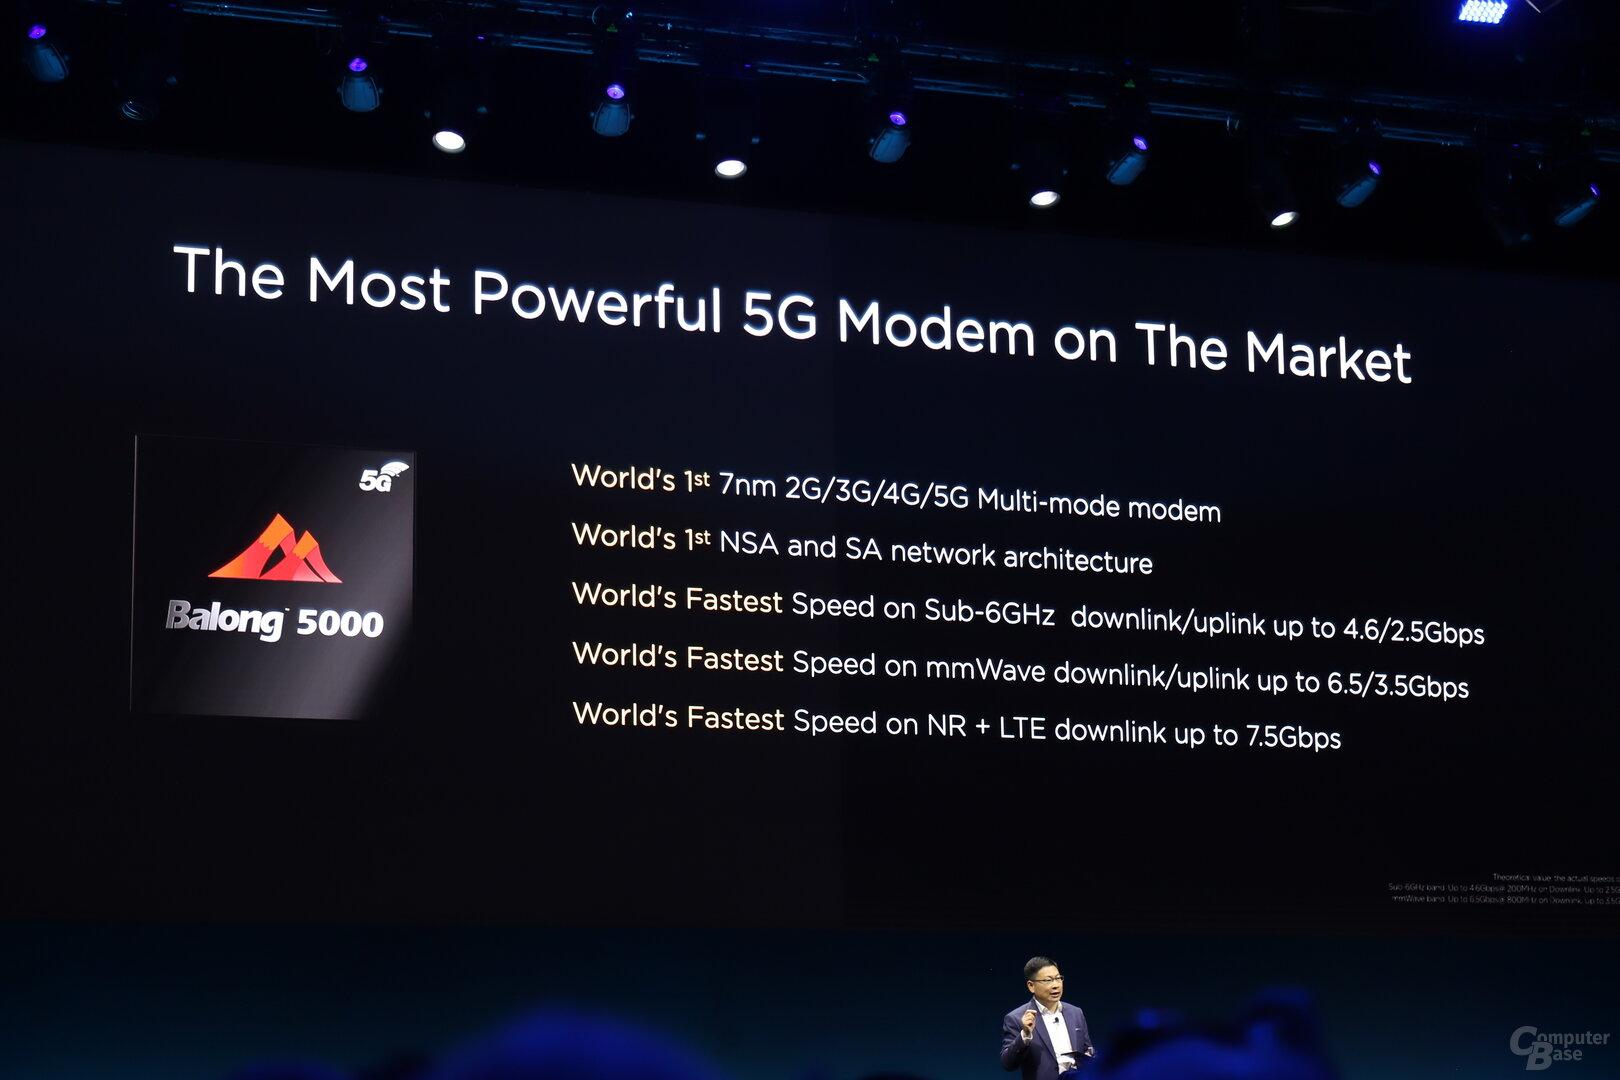 Das 5G-Modem Badong 5000 ergänzt den Kirin 980